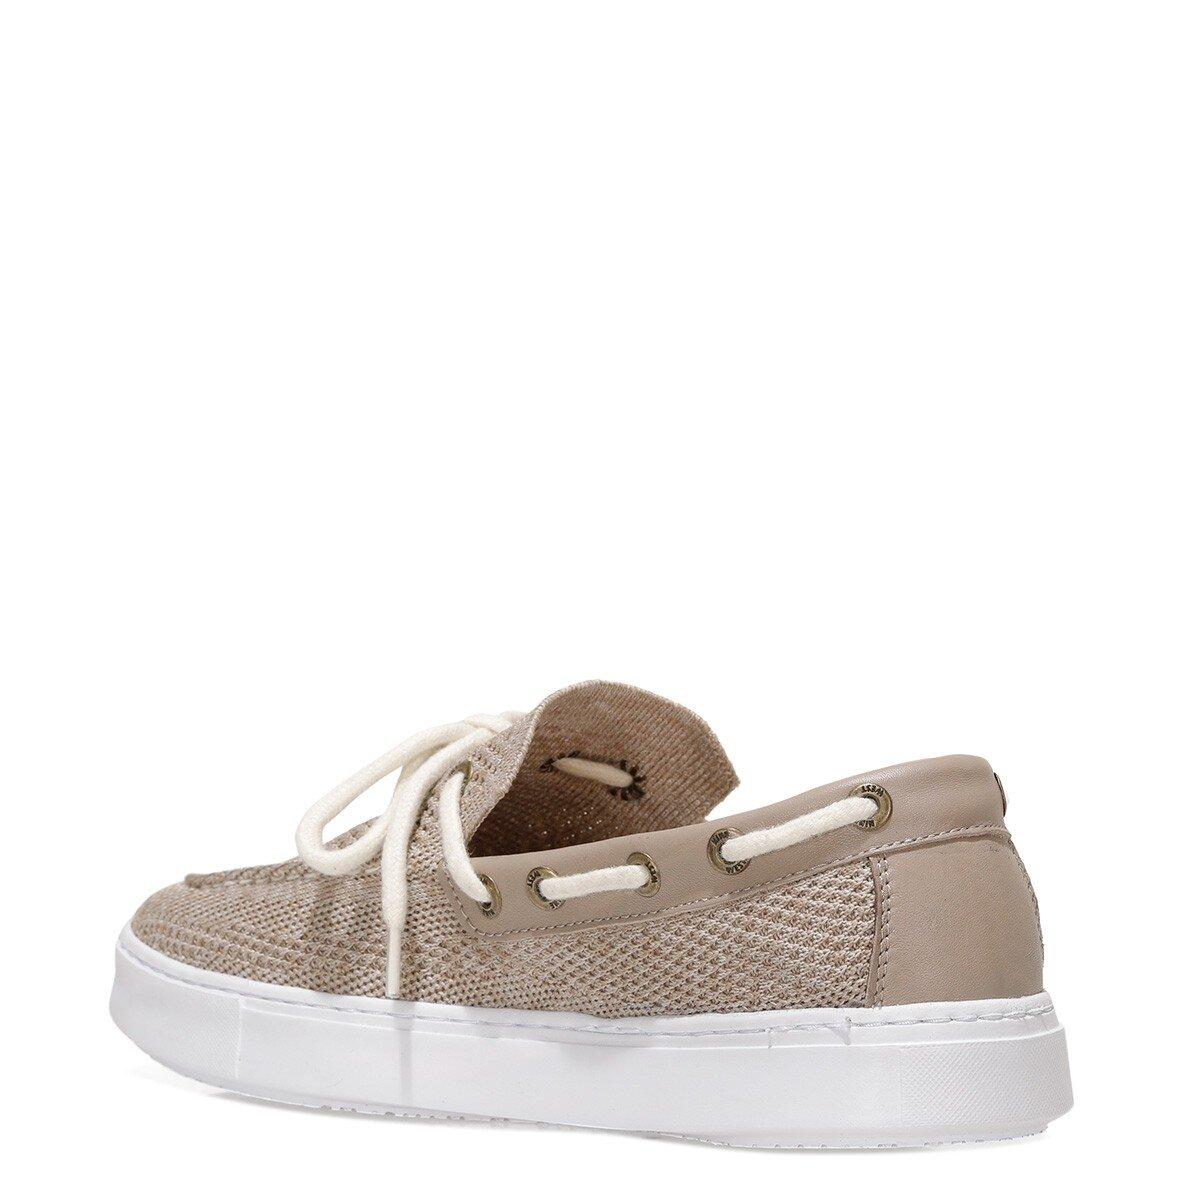 TORKA 1FX Bej Erkek Ayakkabı